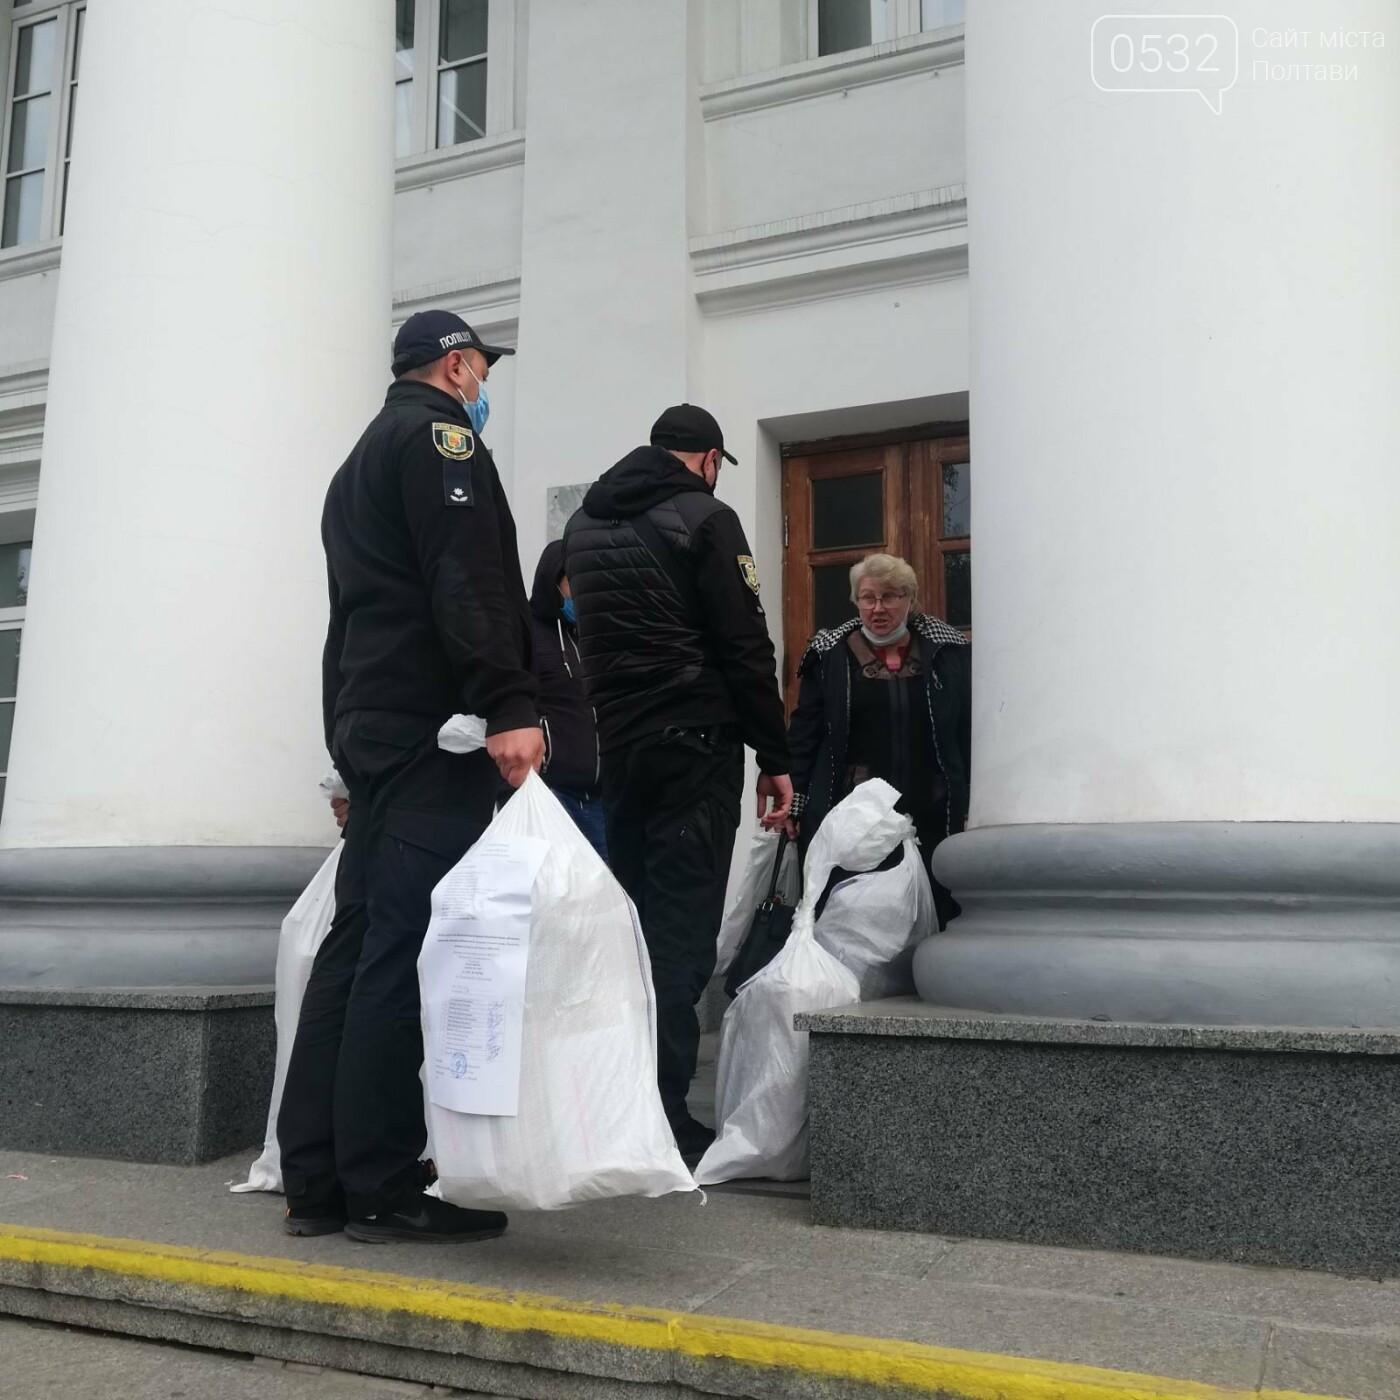 Поліцейські сидять на мішках: як у Полтаві приймають бюлетені у ТВК (ФОТО), фото-10